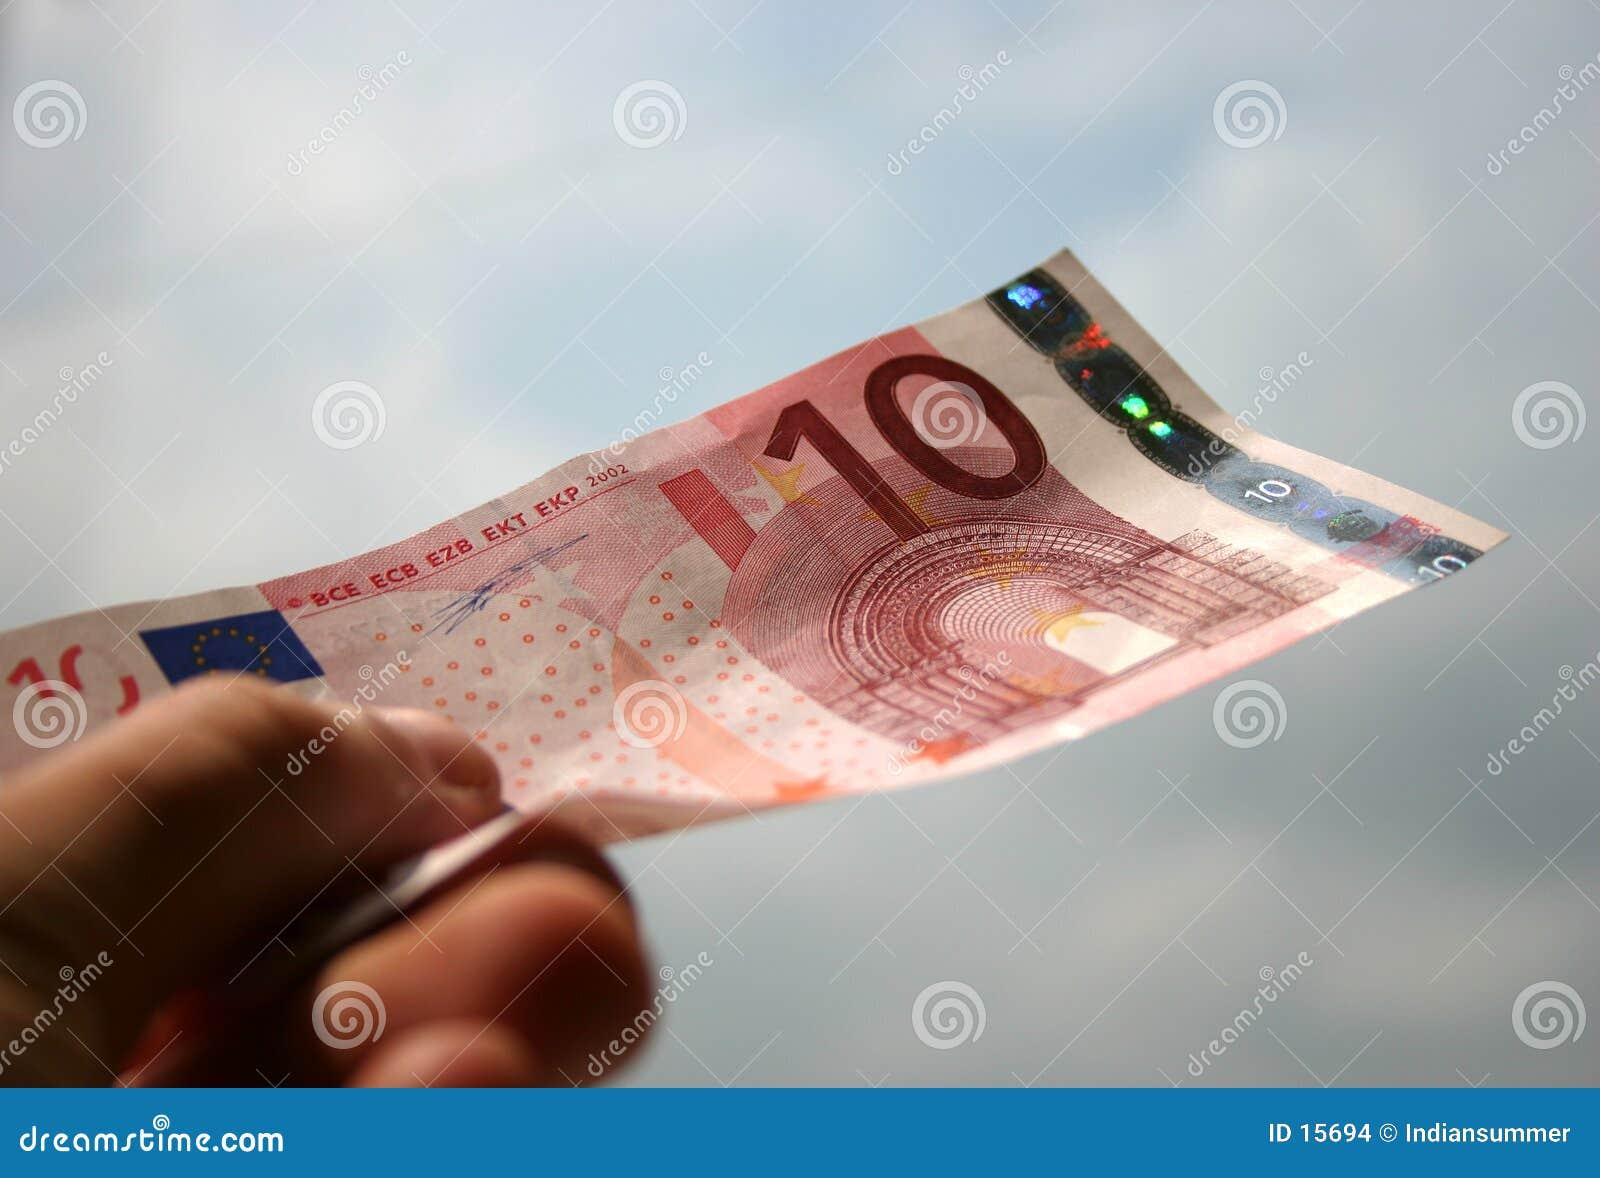 10-Euro-Rechnungsnahaufnahme